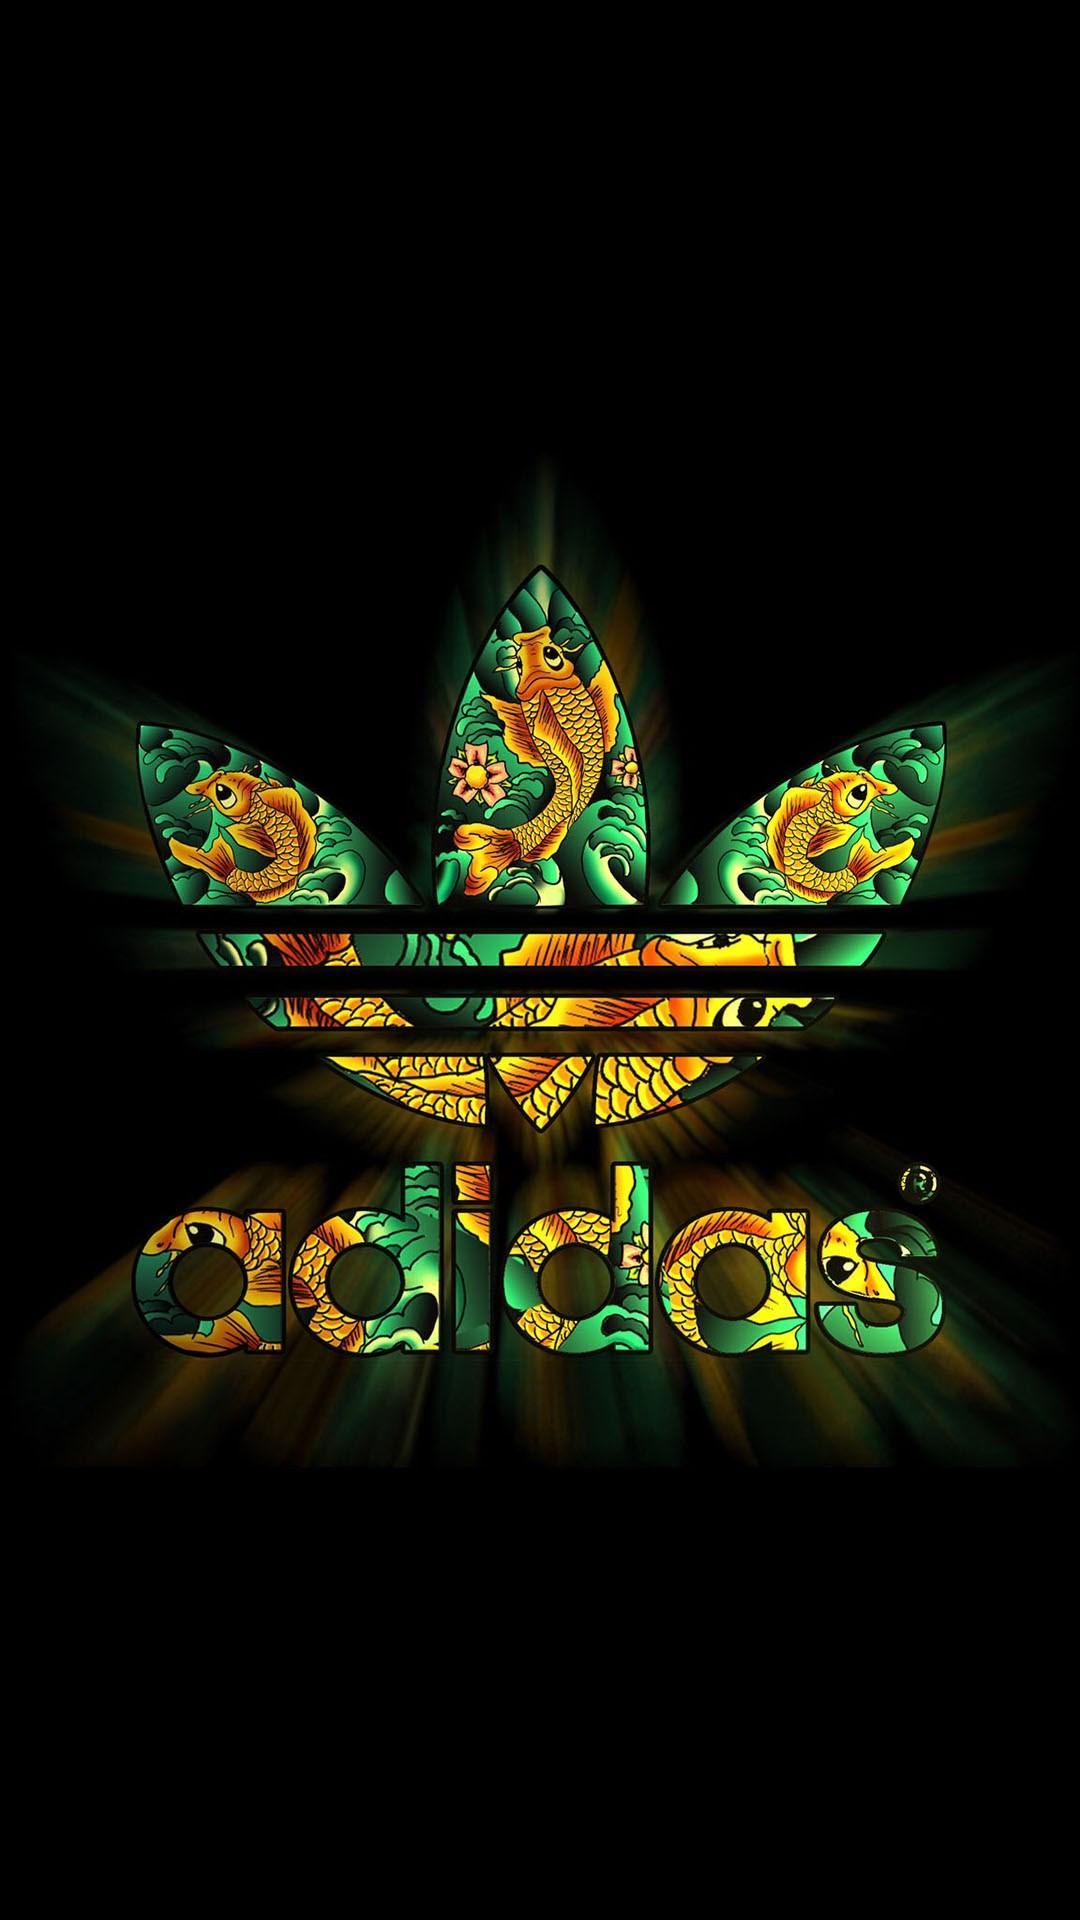 Wonderful Wallpaper Adidas Iphone 6s Plus - 08c7726d388079211128e4bb2264671e_0f34dca37db959d040211385d04b843b_raw  HD_582065      .jpg